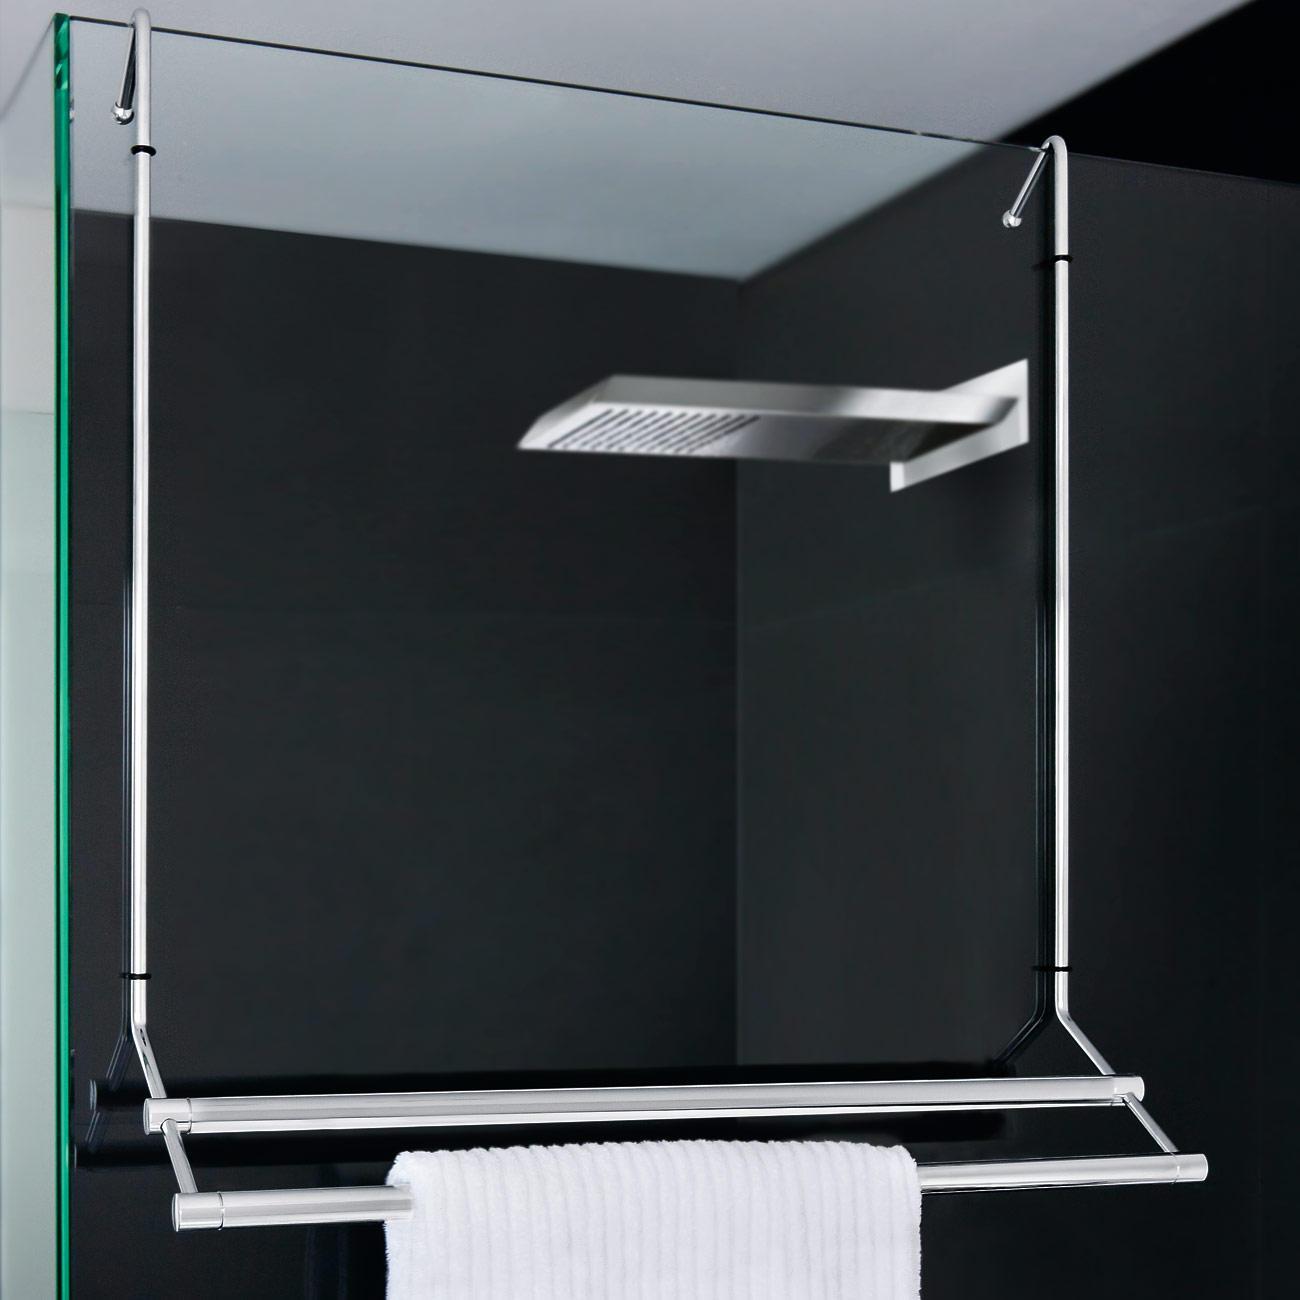 Tag re suspendue ou porte serviettes pas cher pro idee for Porte serviette paroi de douche